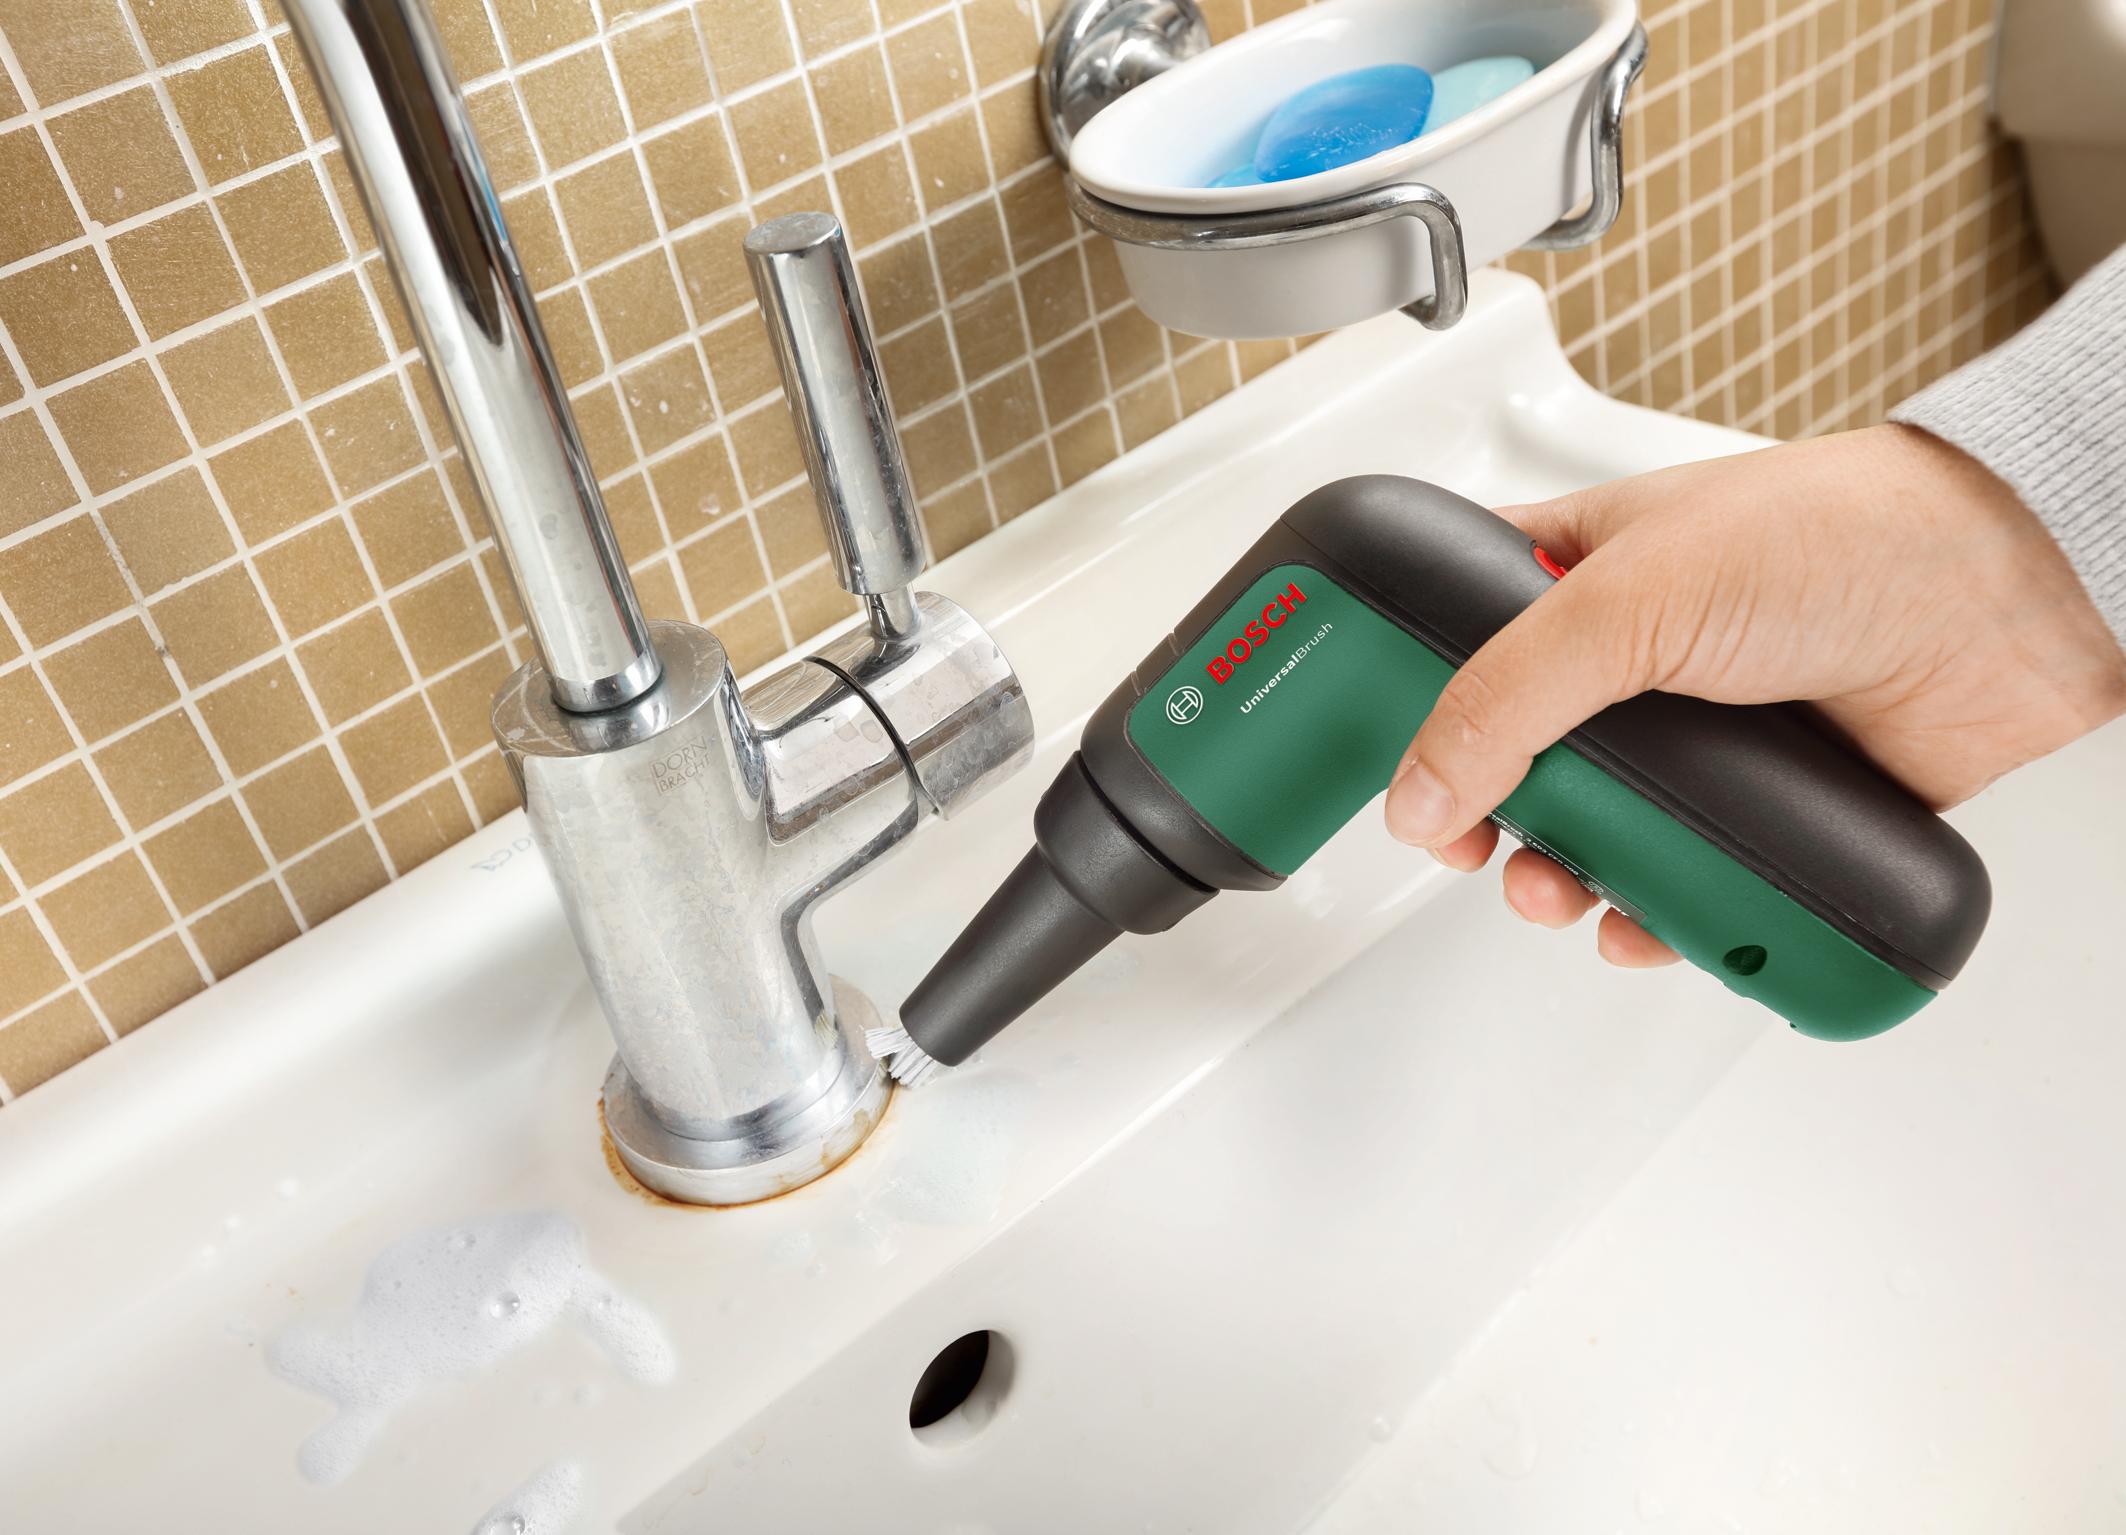 UniversalBrush - rôzne nadstavce, nespočetné možnosti čistenia: Kefa pre presné čistenie ťažko prístupných oblastí